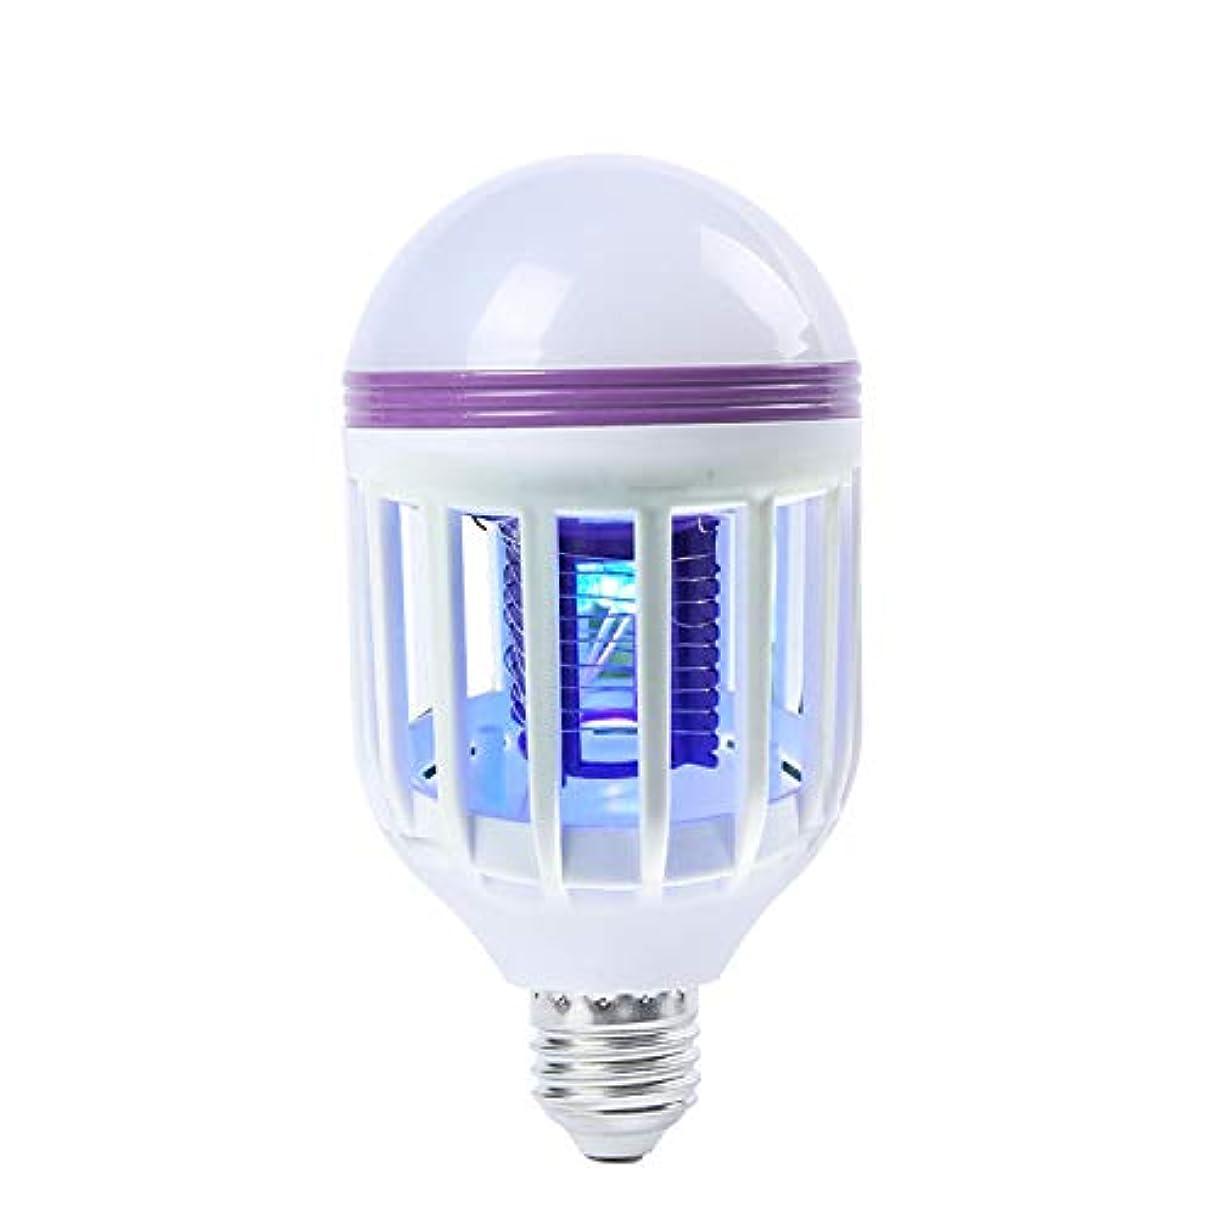 共役裏切る若い防蚊電球、LED電球ランプ防蚊照明デュアルユース家庭用蚊キラー